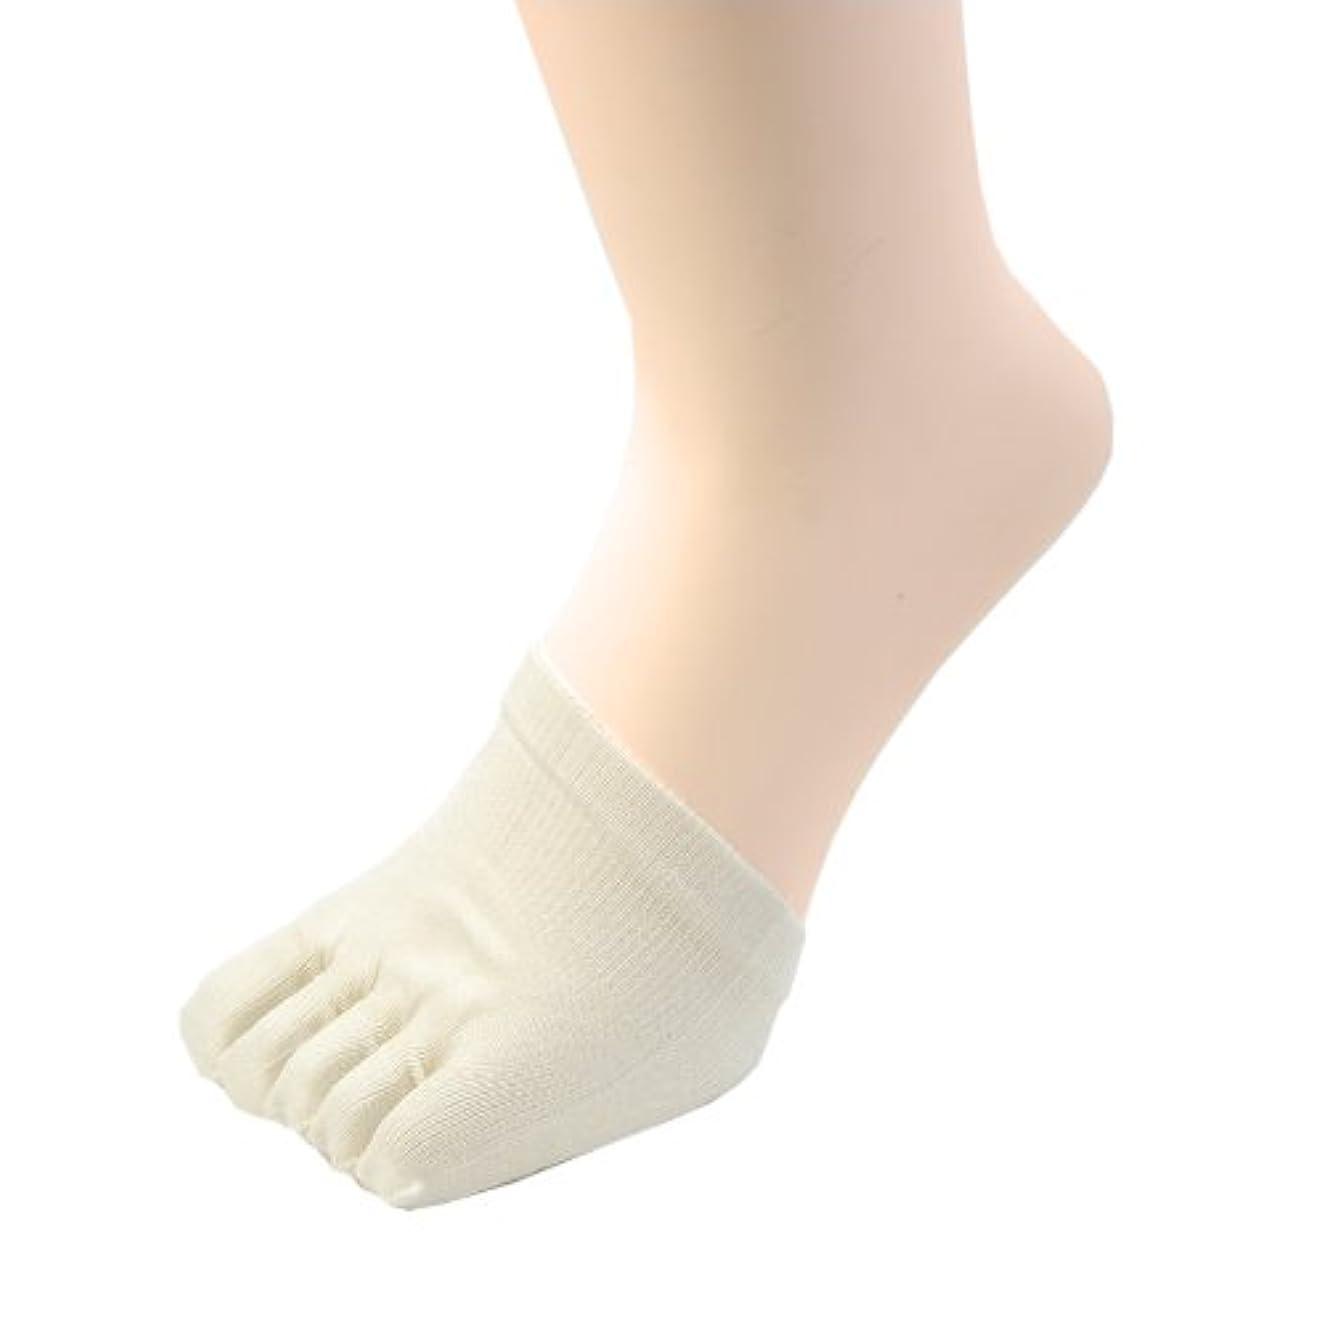 シリアル囲まれた巻き戻す冷えとり 絹 ( シルク )100% ハーフ 5本指 下履き (クツしたイン) ソックス 着圧健康ソックスの必需品! 2足組 #685